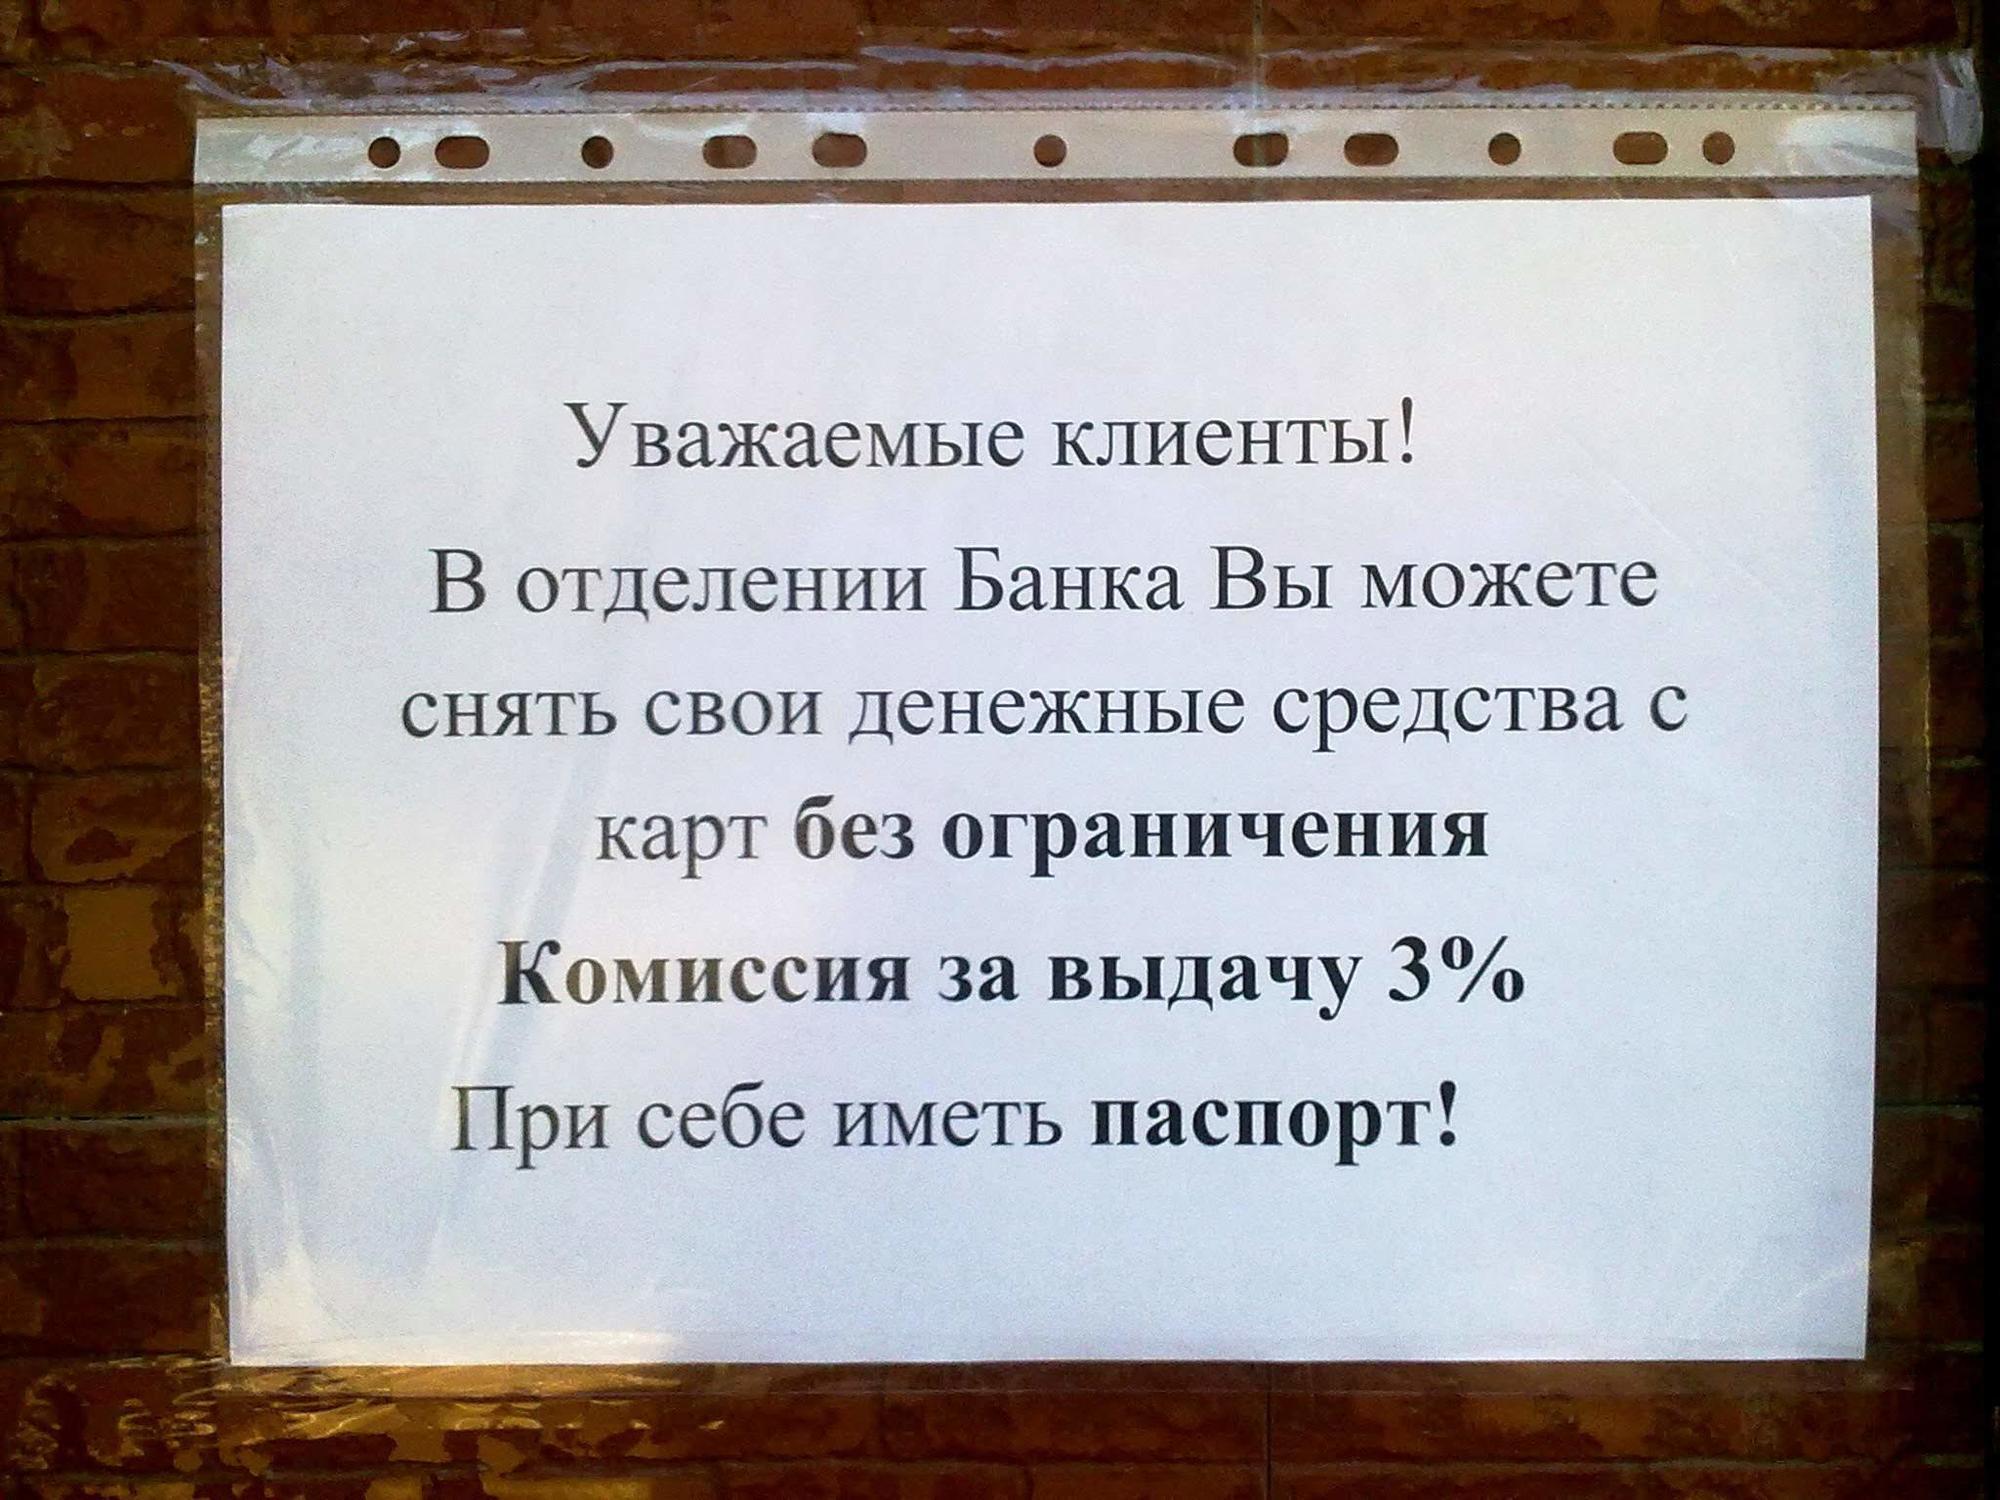 банк окупація ДНР Бахмут Артемівськ